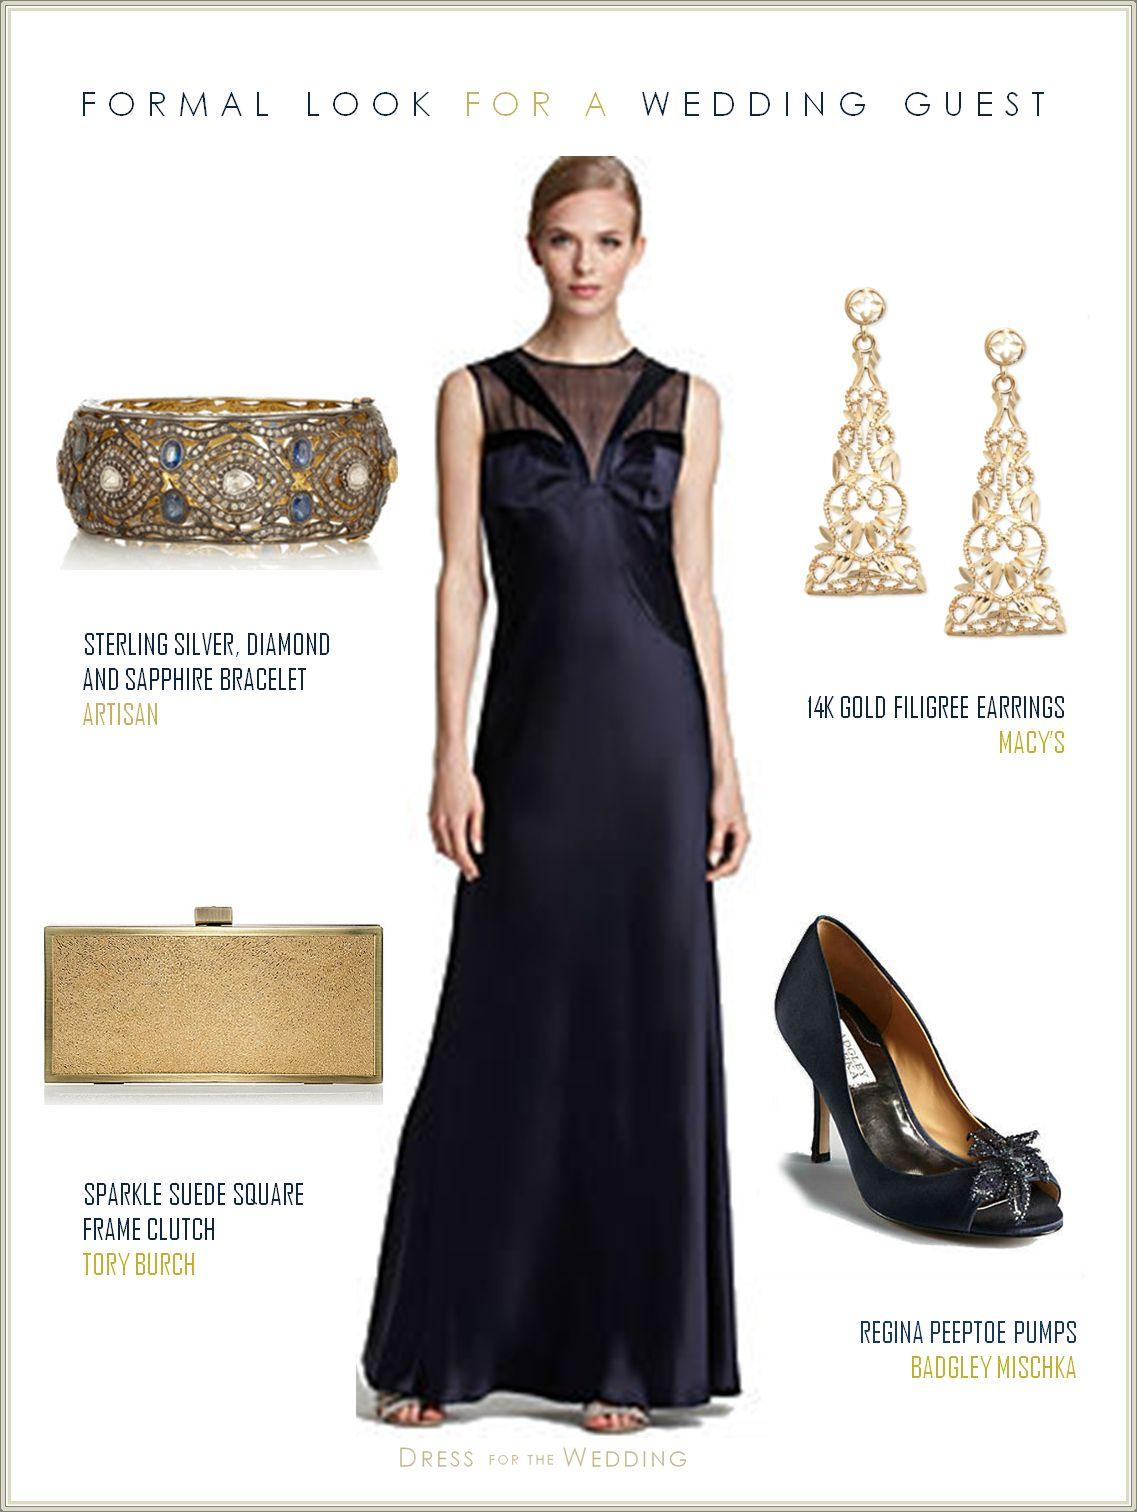 Black Tie Wedding Dress - Cold Shoulder Dresses for Wedding Check ...